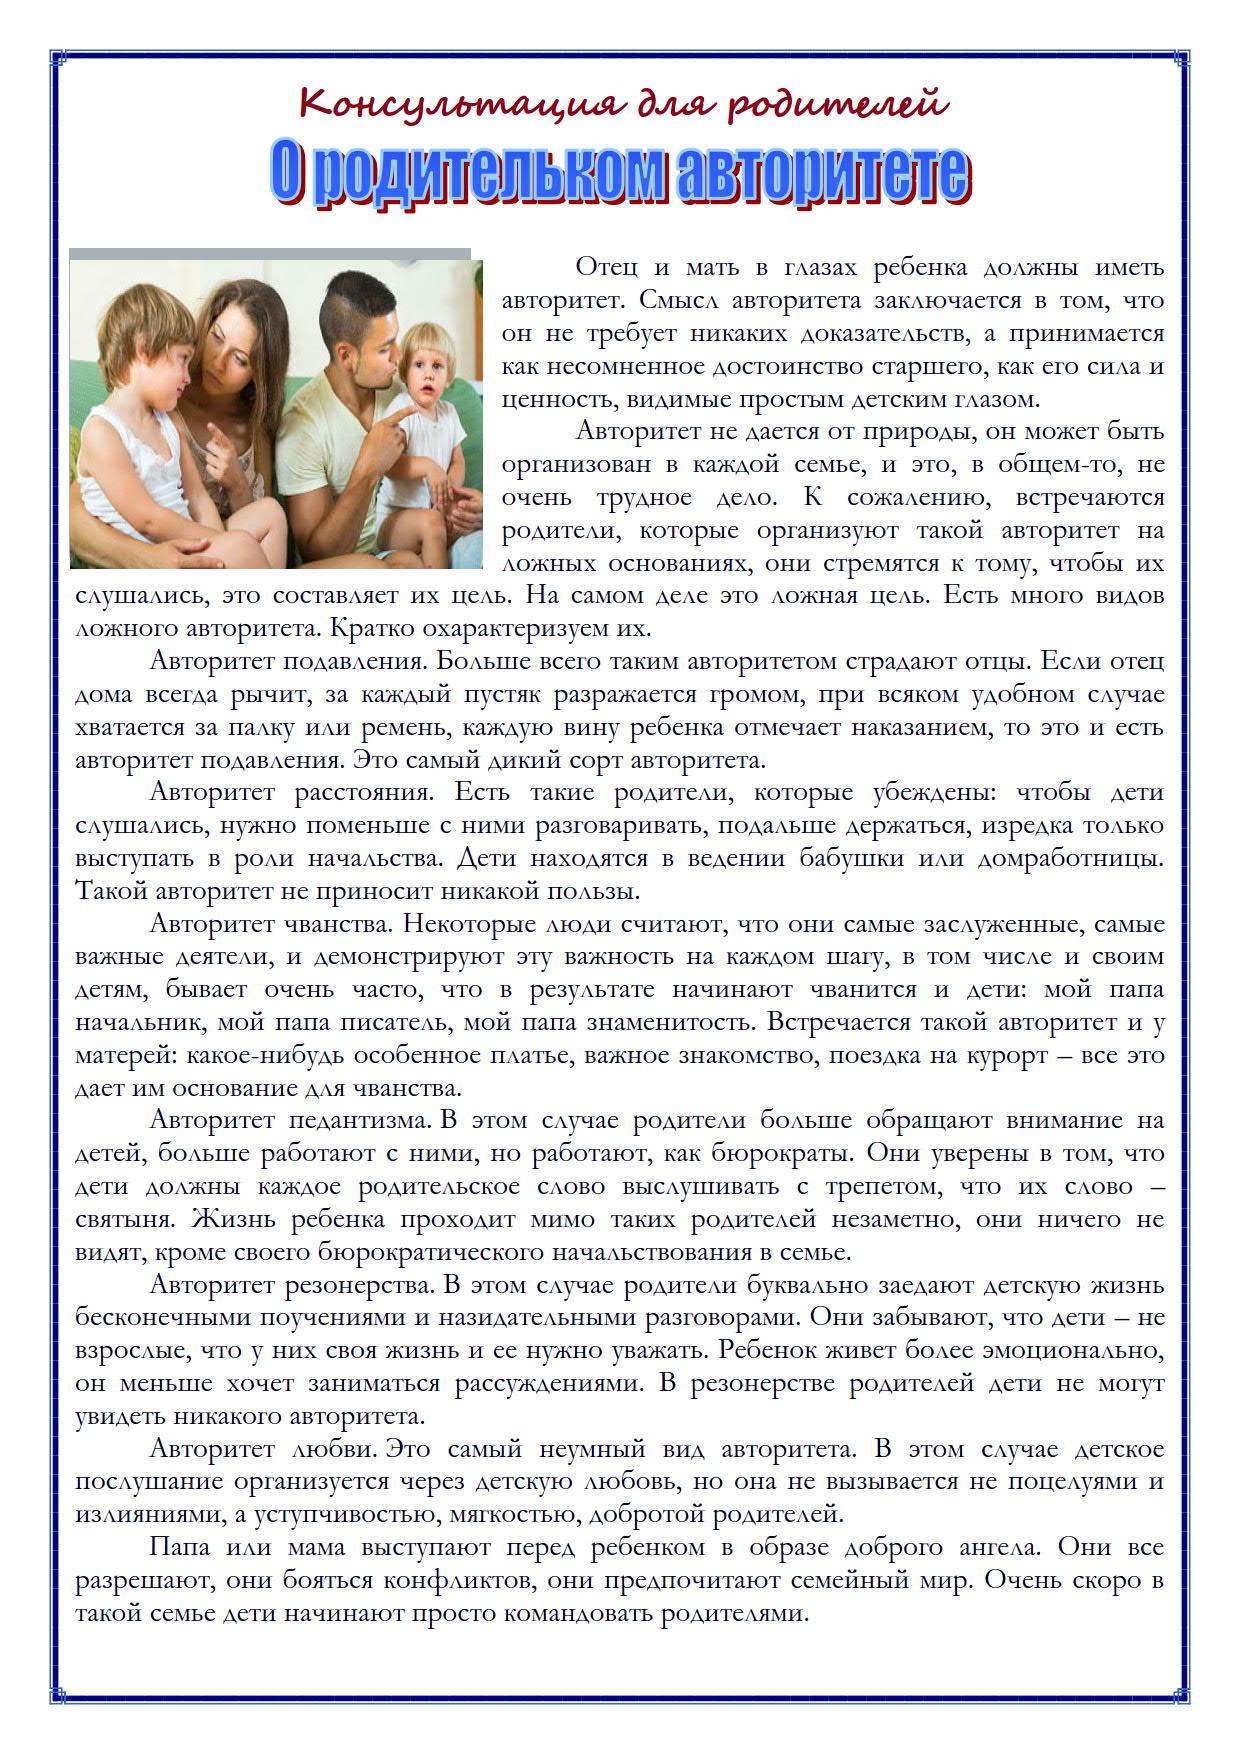 СОЦИАЛЬНЫЙ ПЕДАГОГ КОНСУЛЬТАЦИЯ о род. авторитети_1